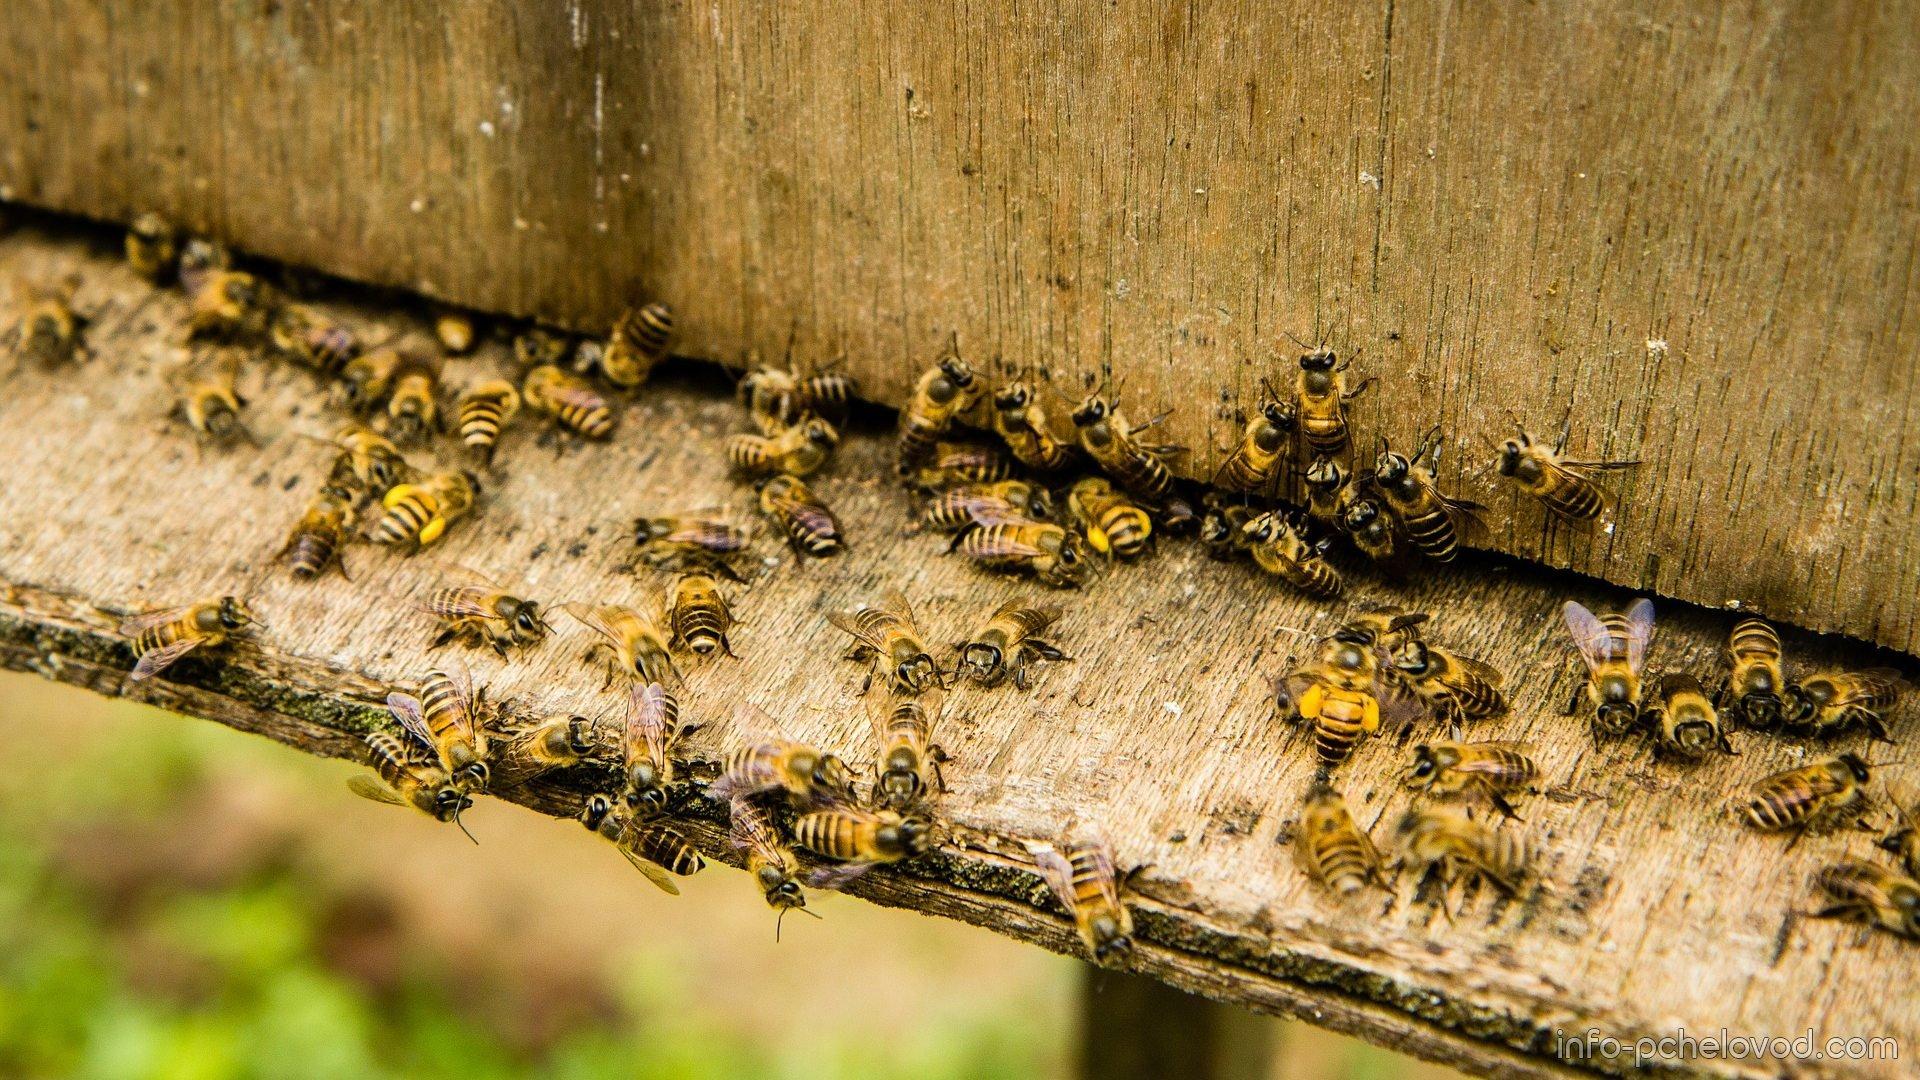 Как избавиться от муравьев в улье с пчелами